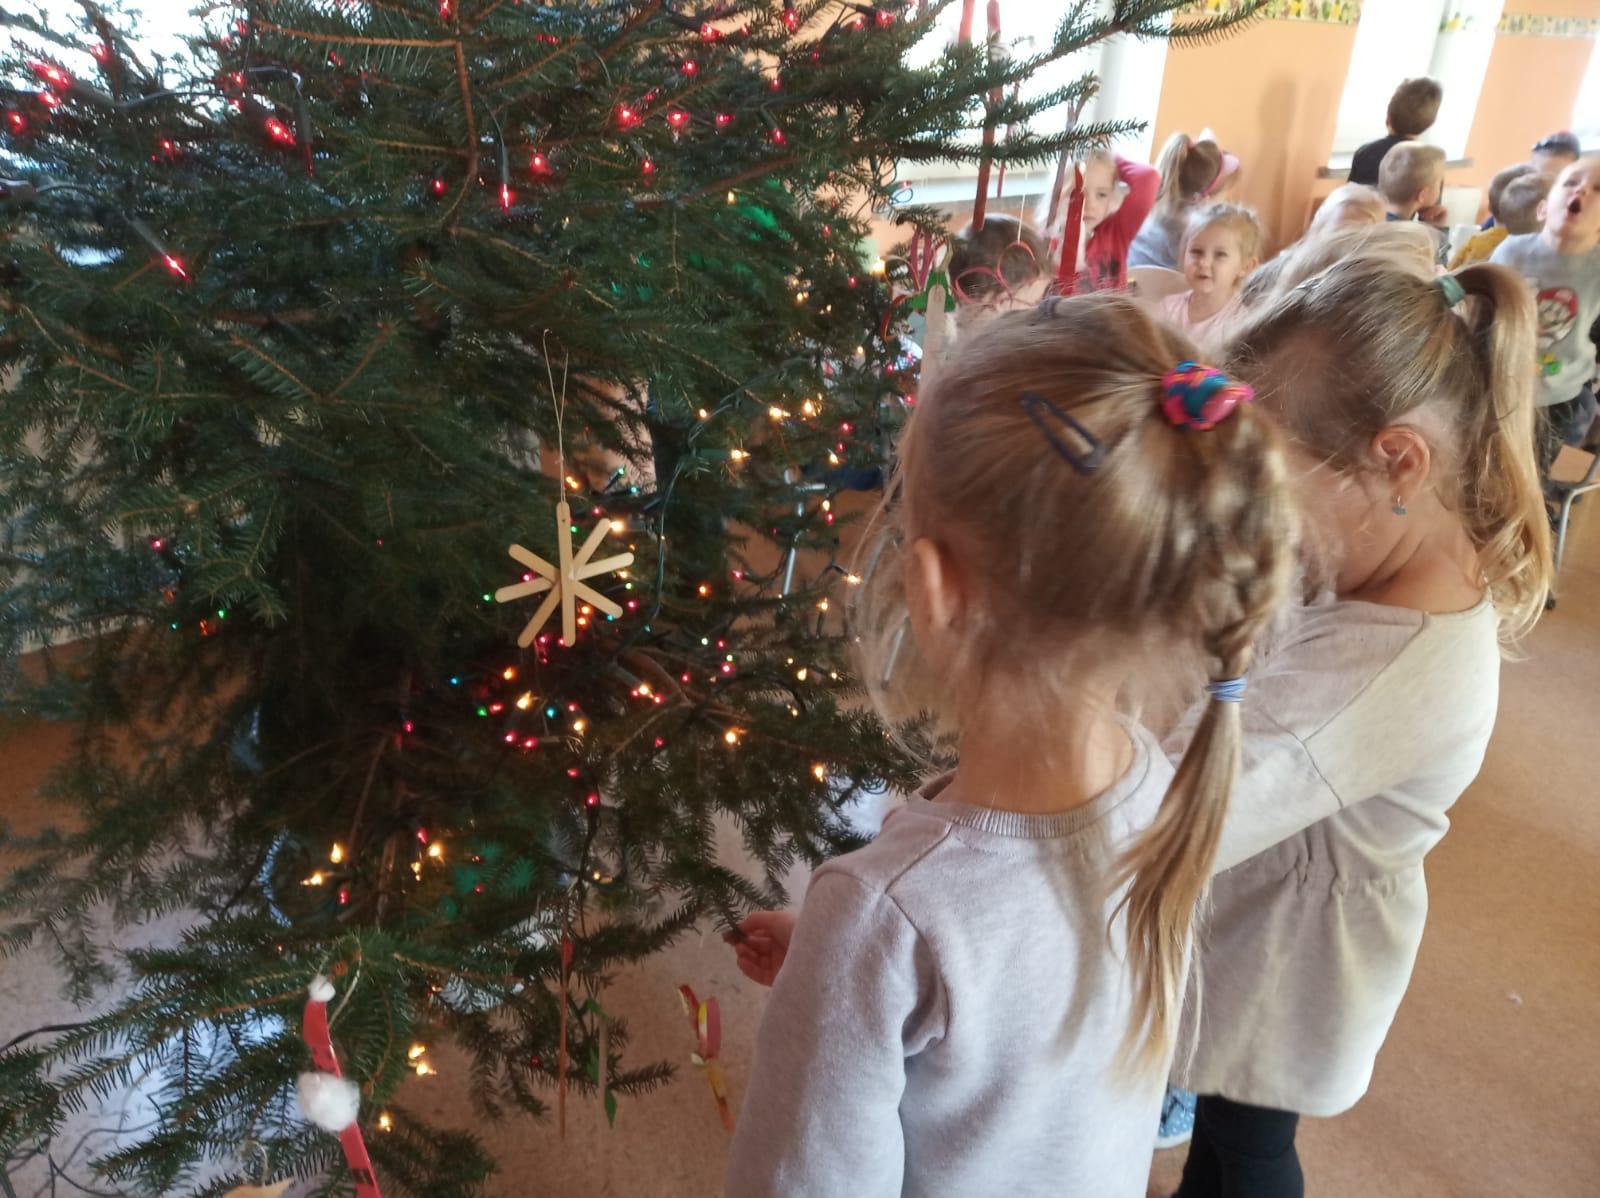 Ubieranie choinki - najpiękniejsza tradycja świąteczna